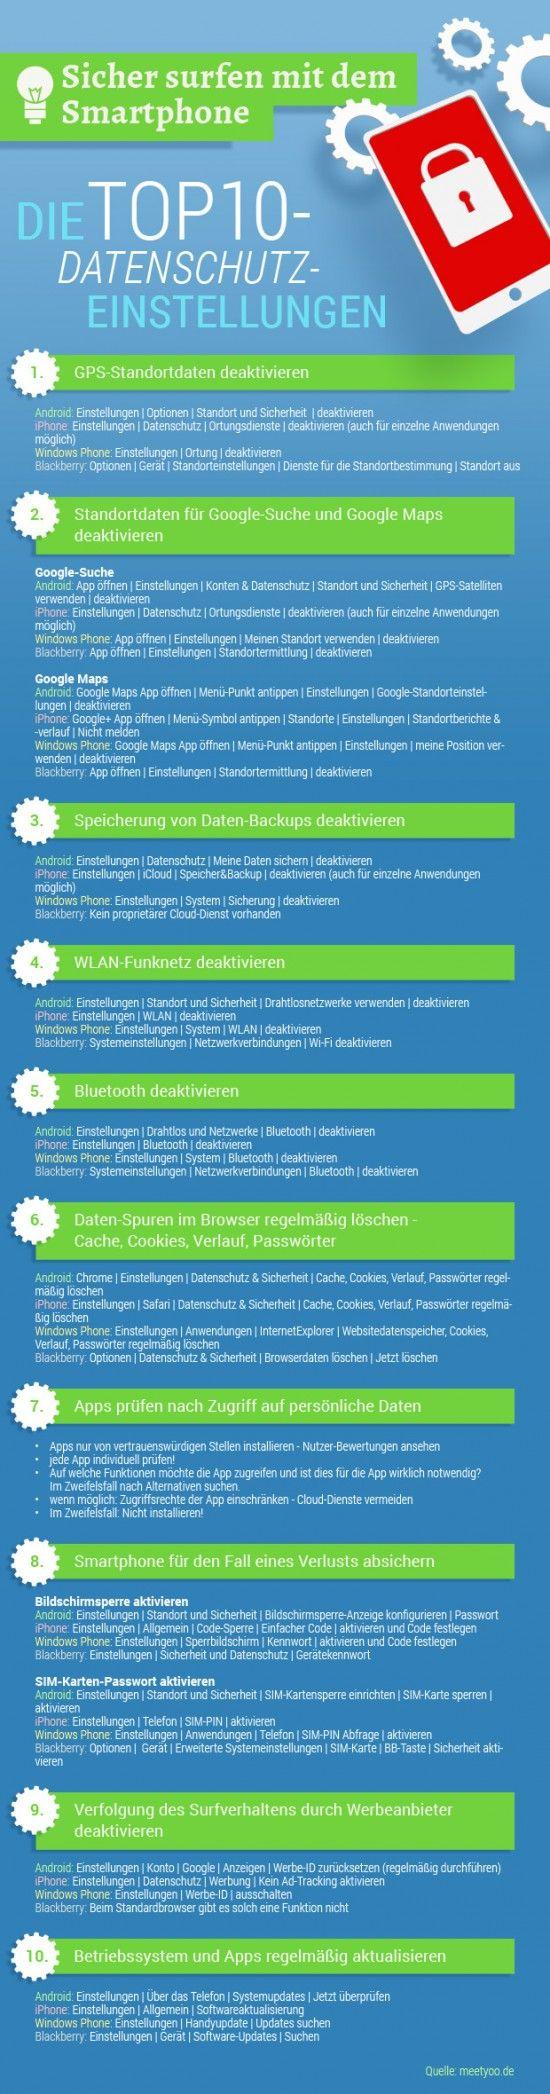 Top10-Datenschutztipps für Smartphones - Spieleratgeber NRW